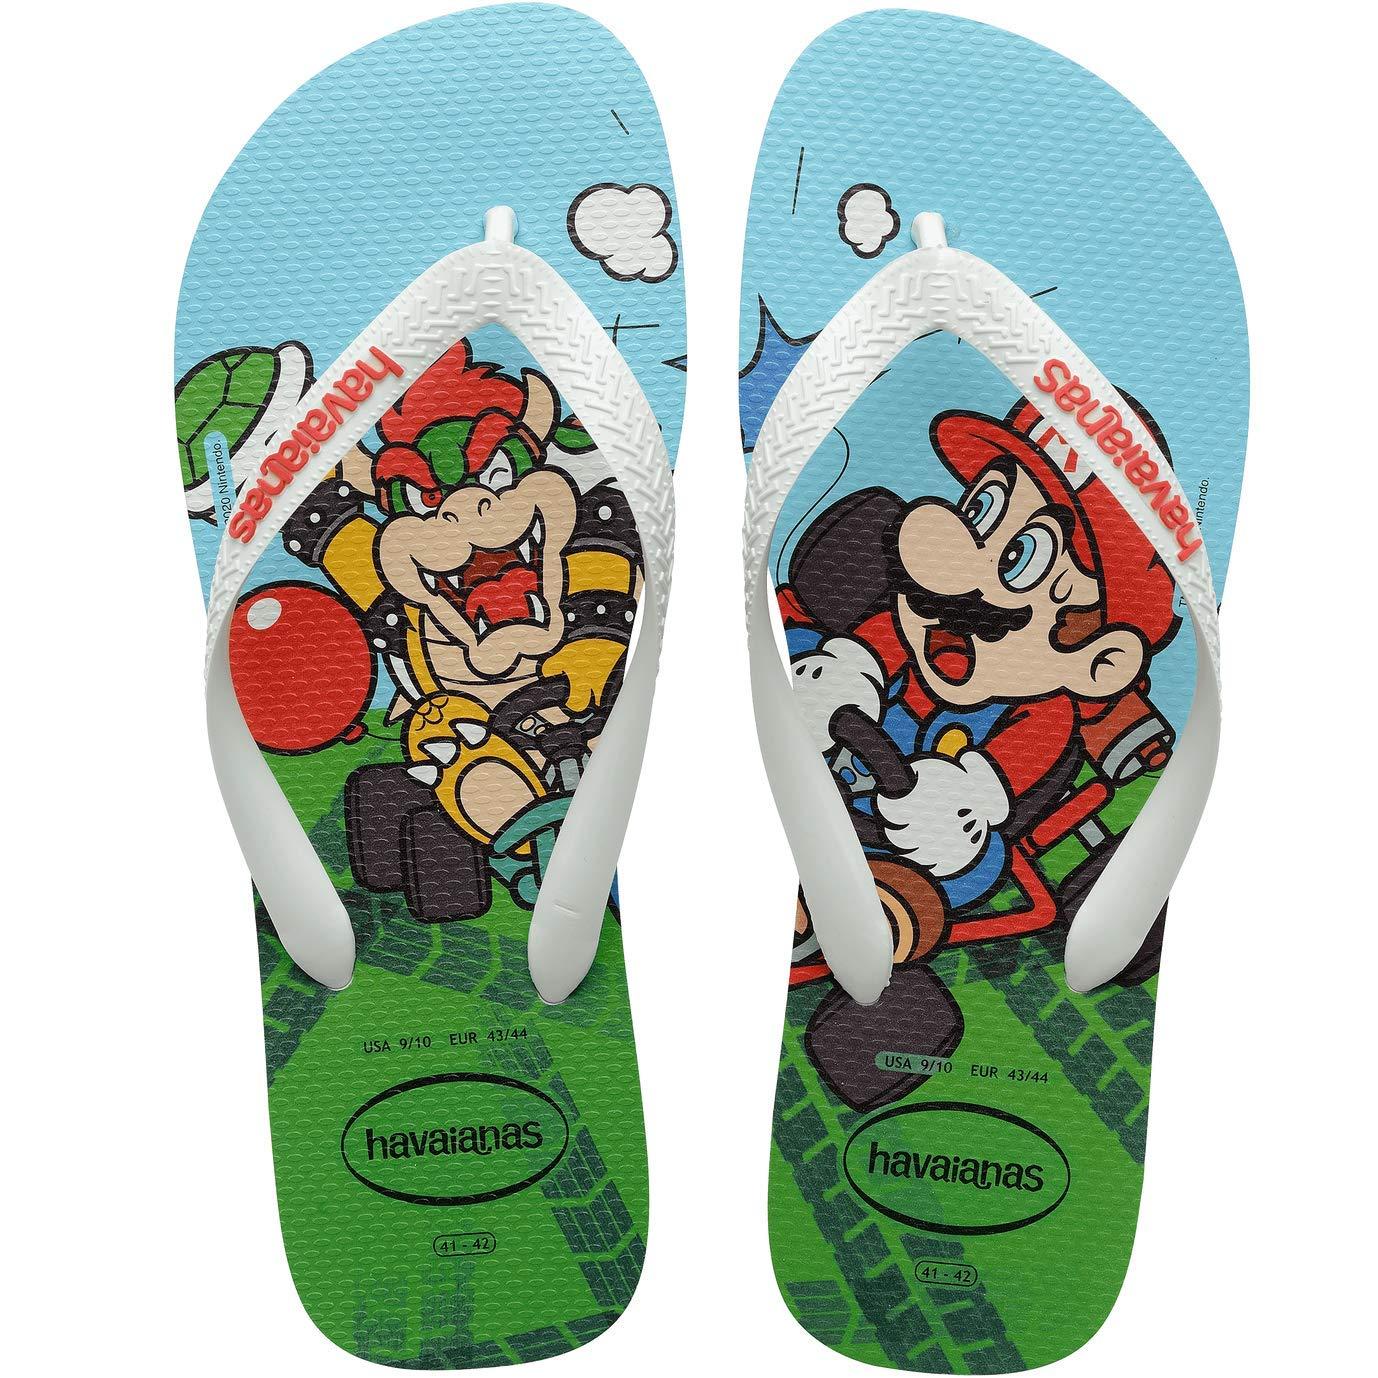 Até 40% off em Havaianas Mario Bros